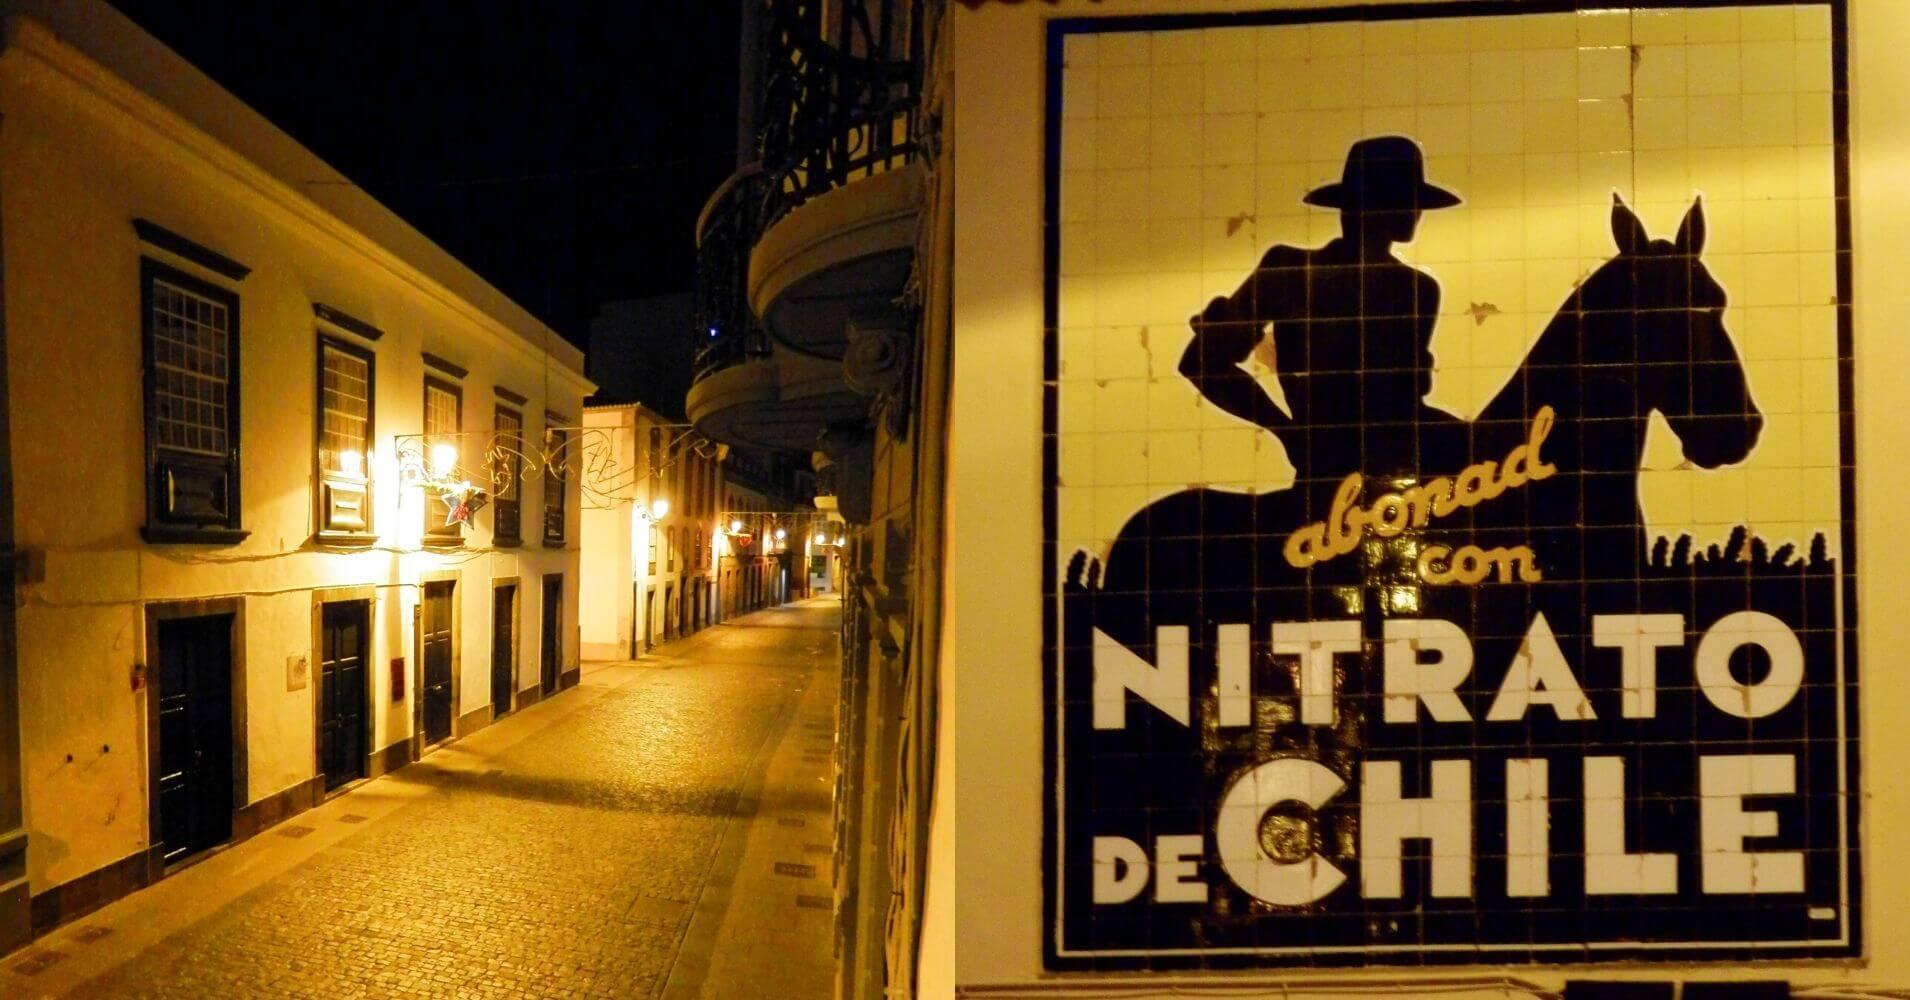 Calle O' Daly y Cartel de Nitrato de Chile. La Palma a ritmo lento. Santa Cruz de La Palma. Islas Canarias.